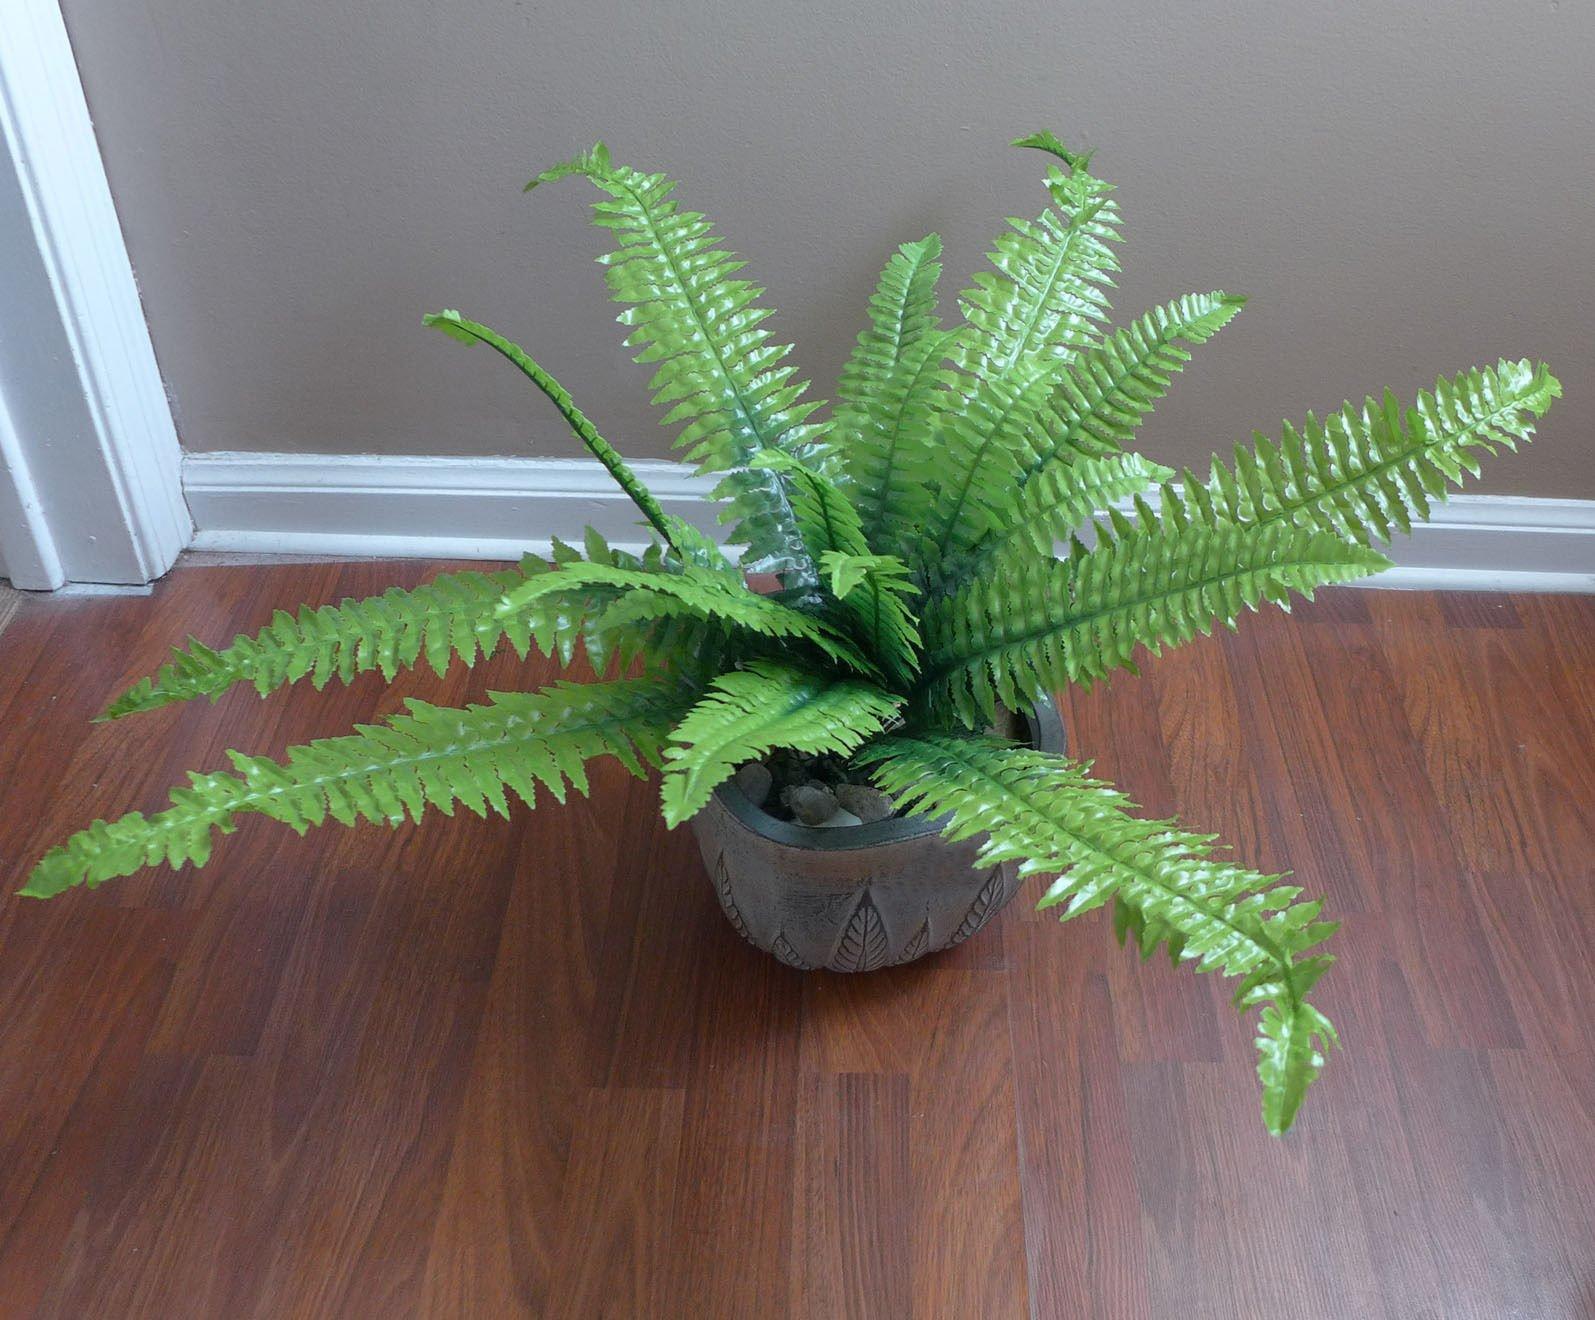 24-Boston-Bushes-Artificial-Plants-Fern-Leaf-Home-Wedding-Decoration-Decorative-Flowers-Artificial-Arrangement